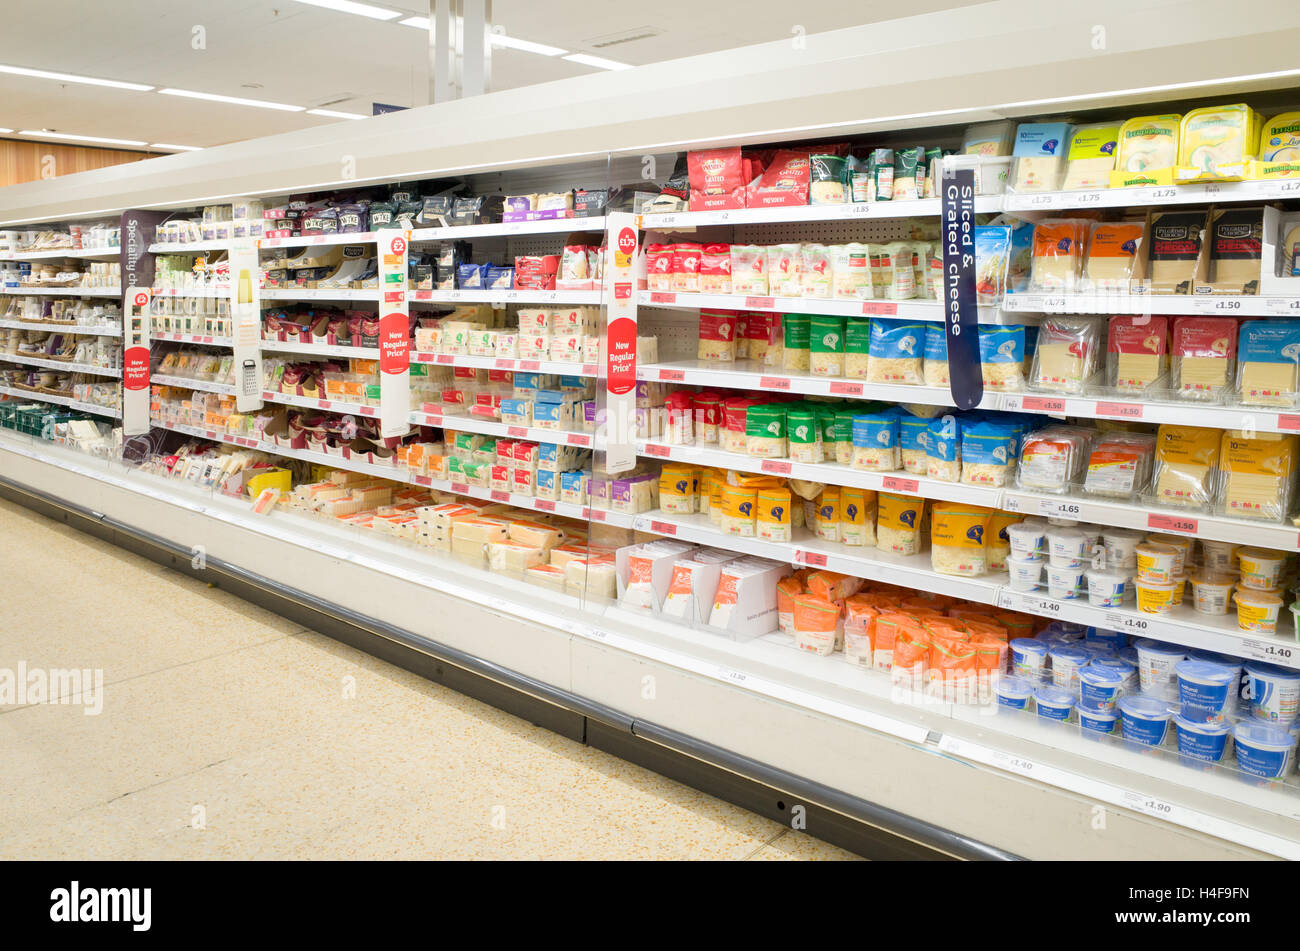 White apron sainsburys - Sainsbury S Supermarket Fridge England Uk Stock Image